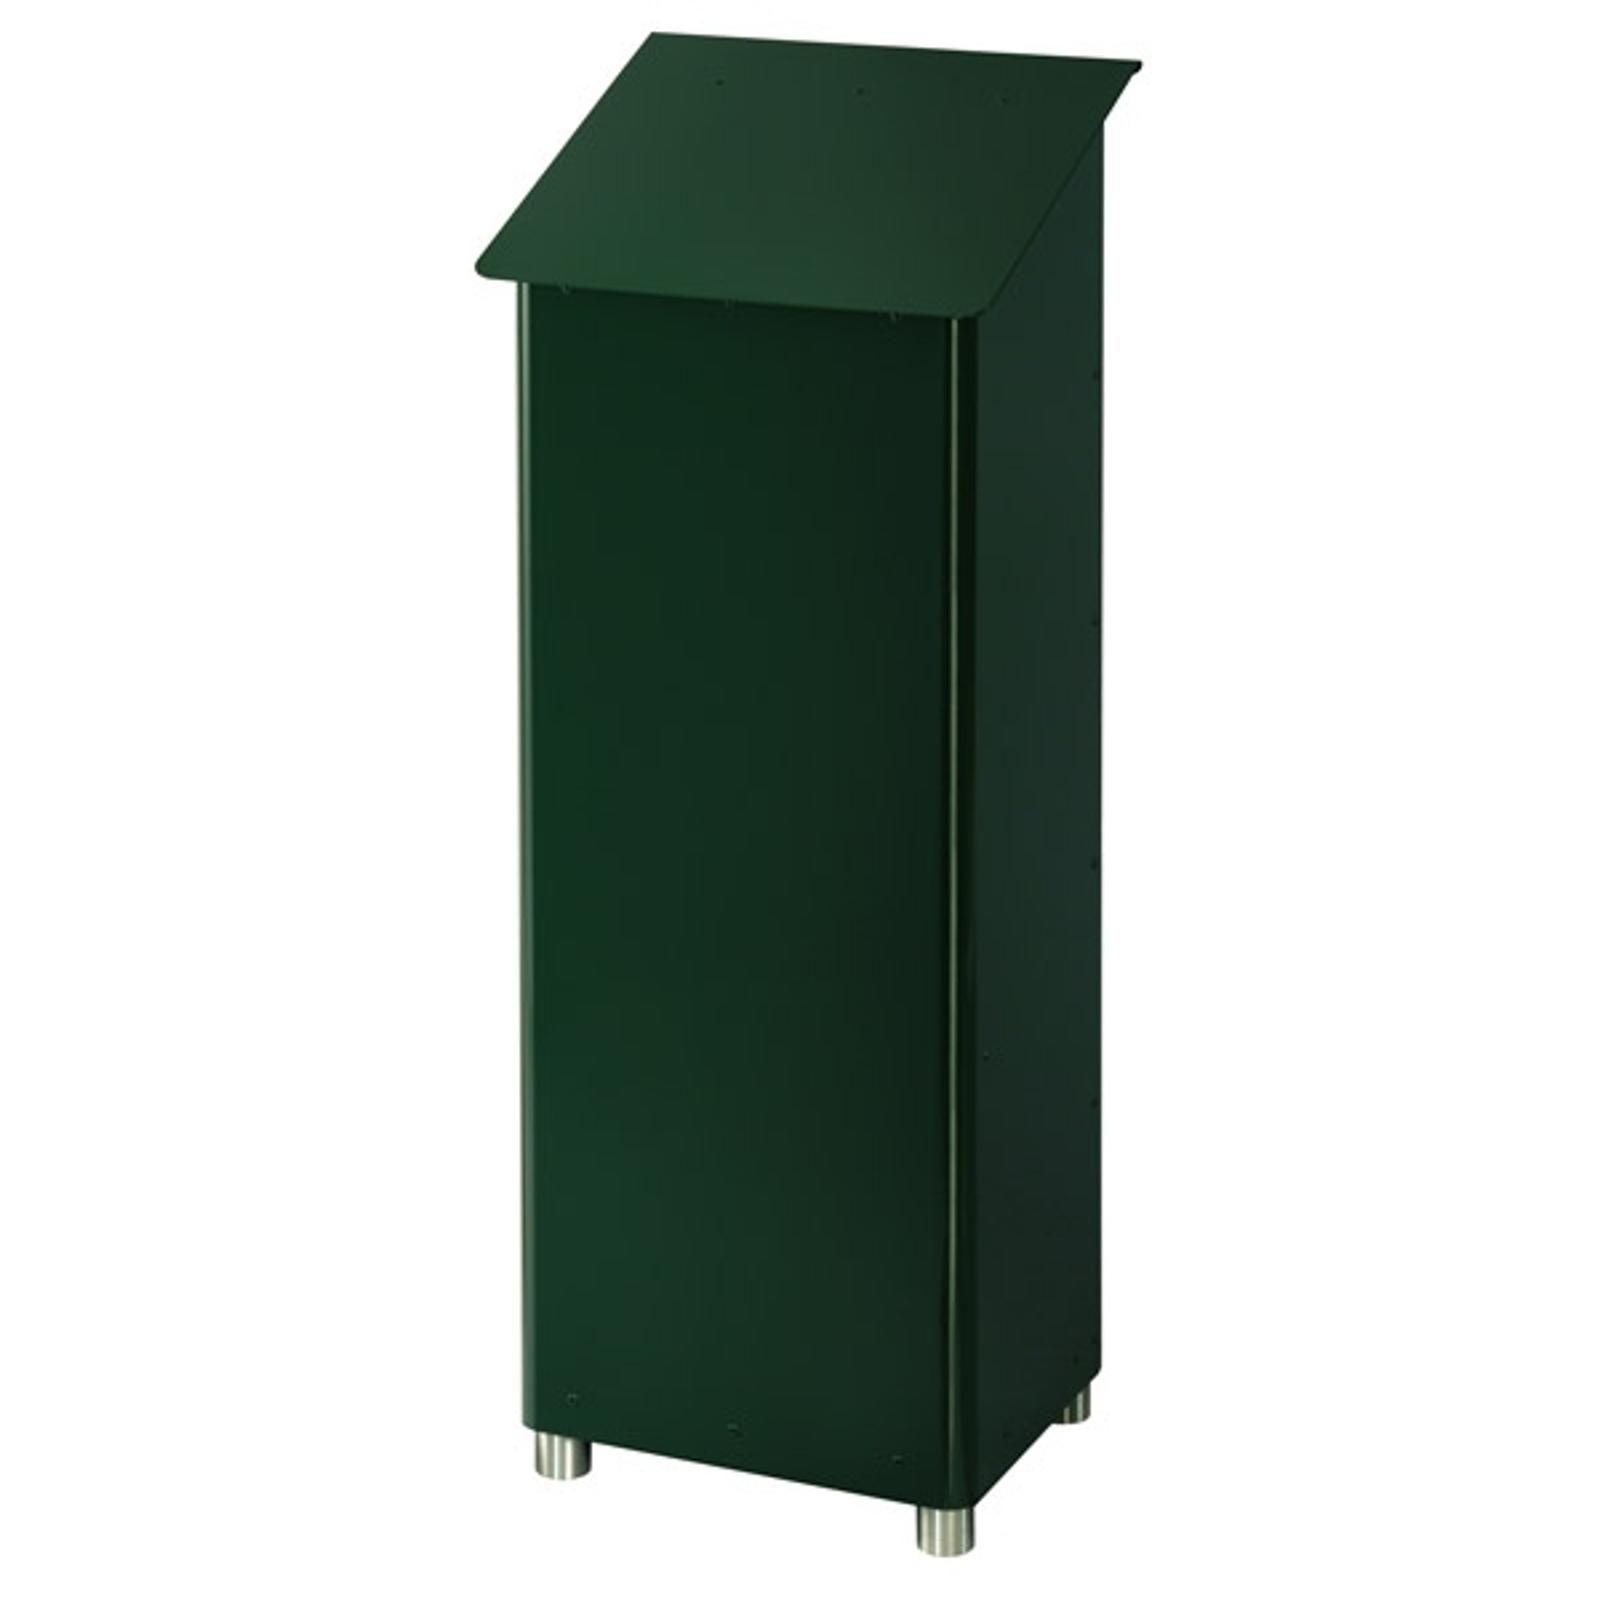 Briefkasten GRANDE SECURI 1 dunkelgrün